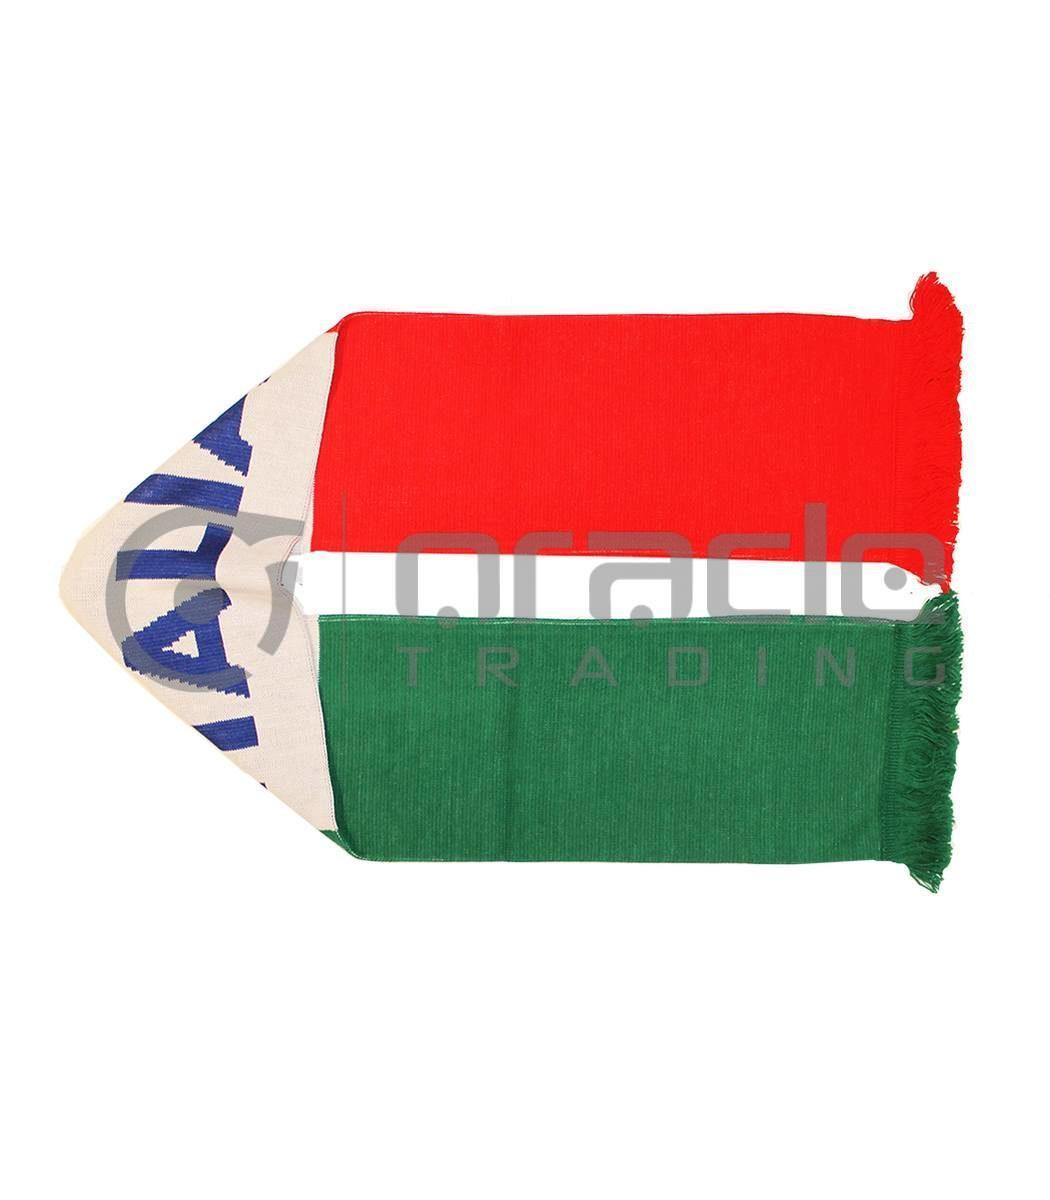 Italia Tri-Colour UK-Made Scarf